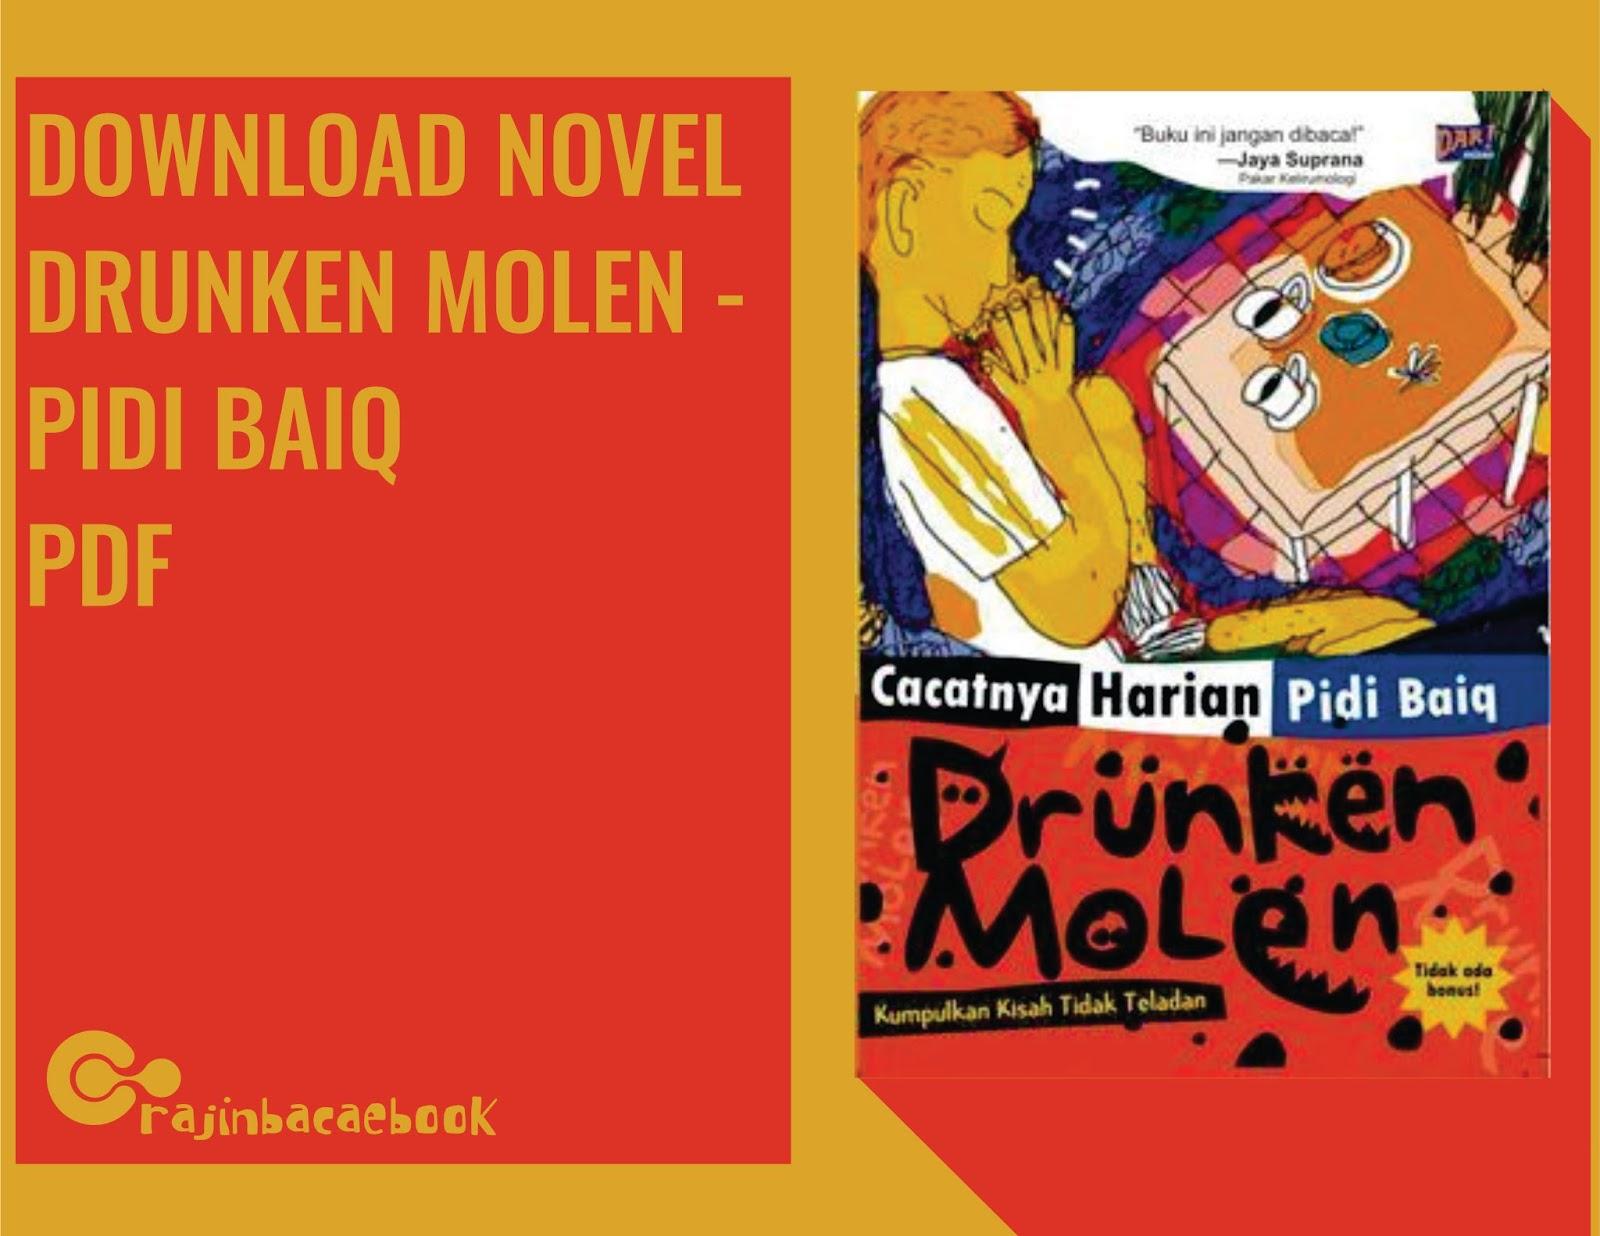 link download ebook novel gratis